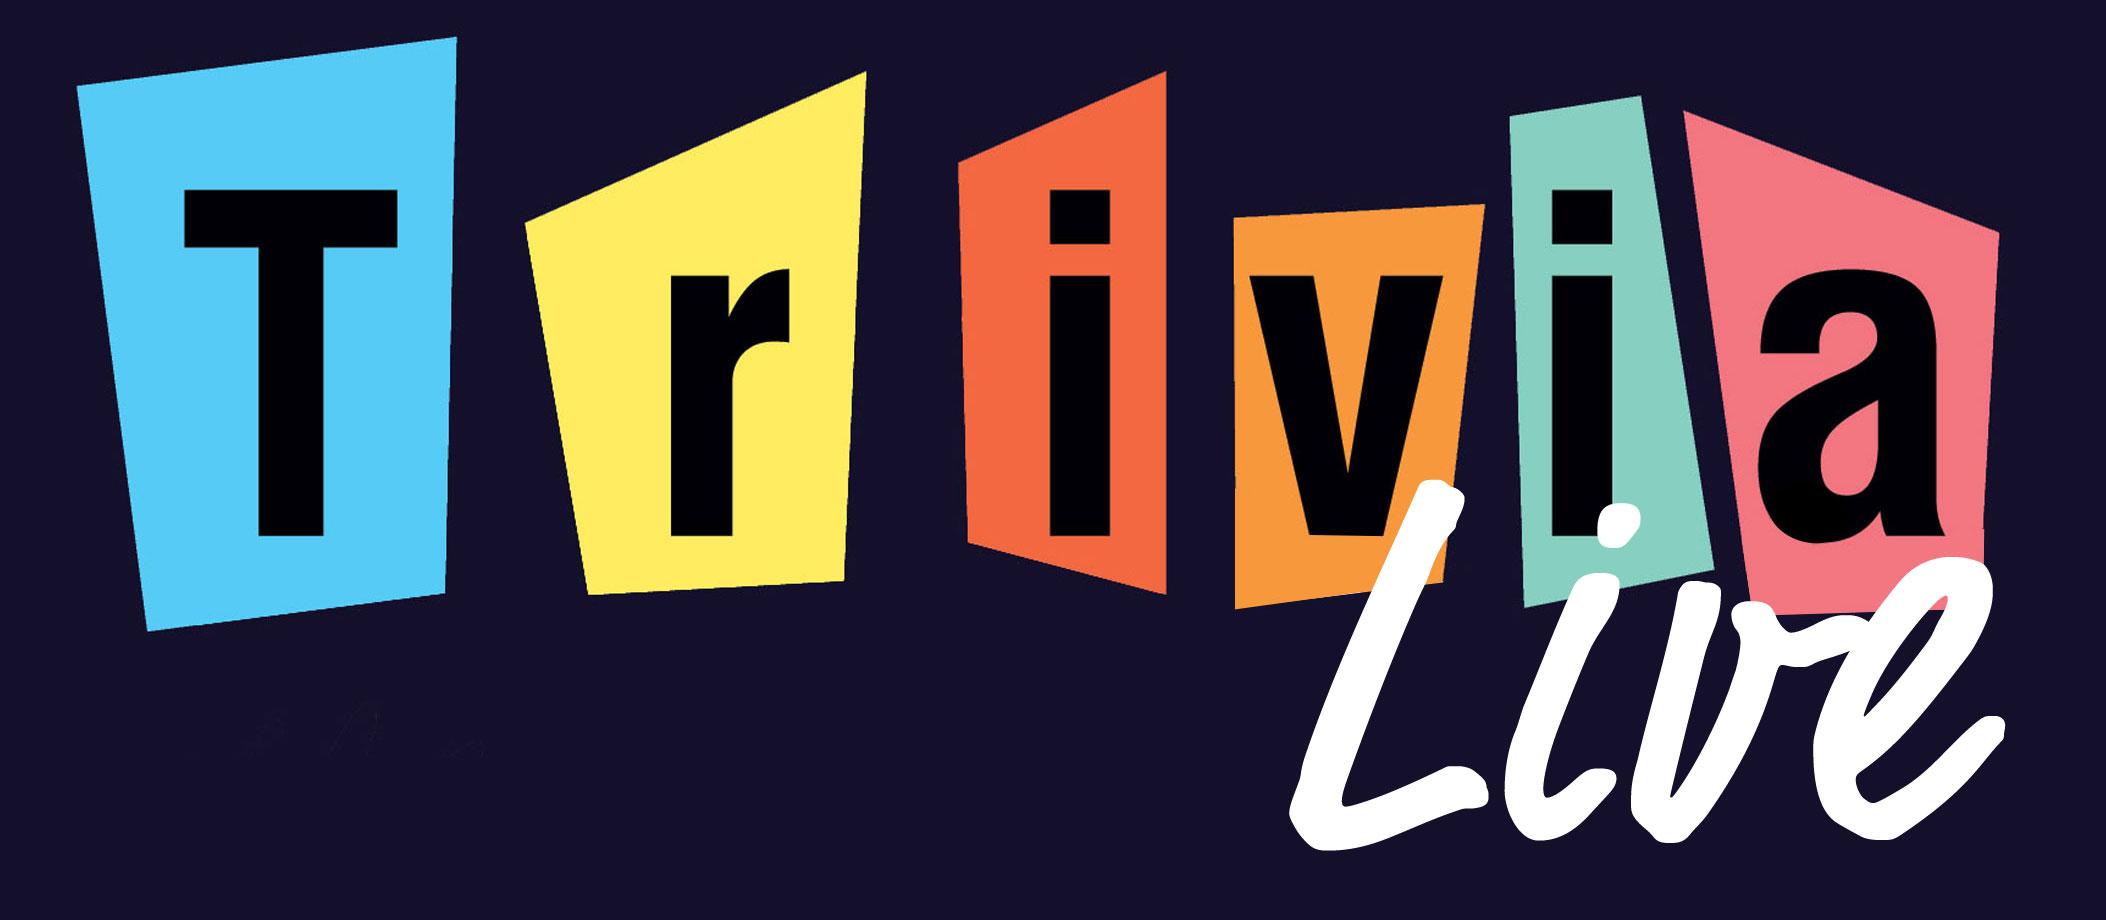 AARP20_MIVFF_1001_Trivia-LIVE_hero-02